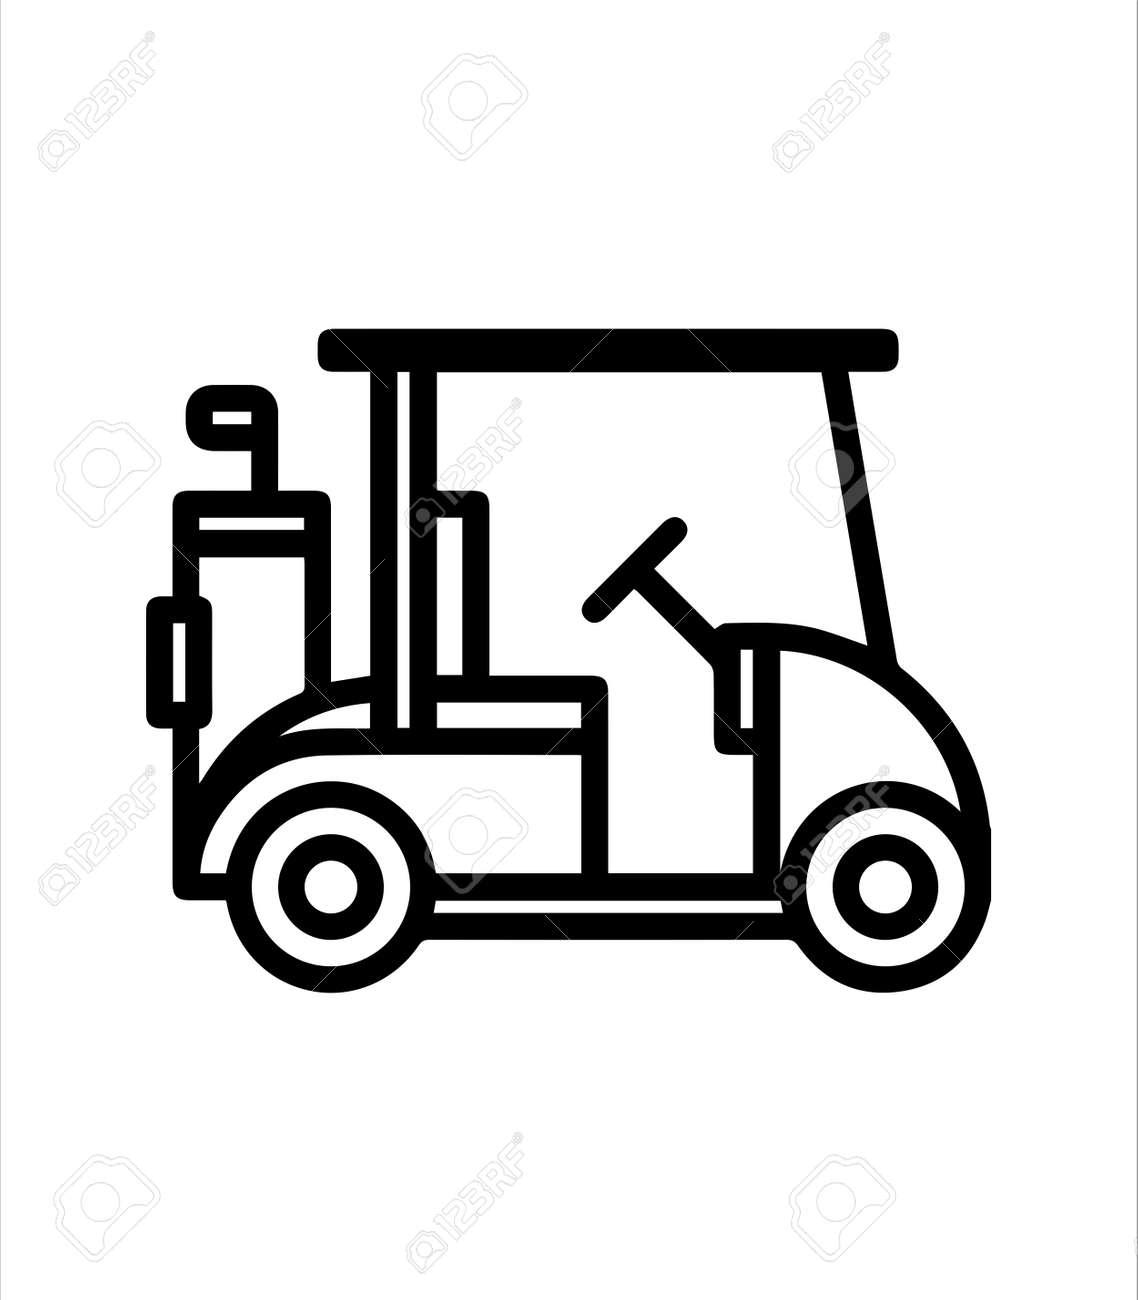 golf car icon ang golf club logo - 166548357